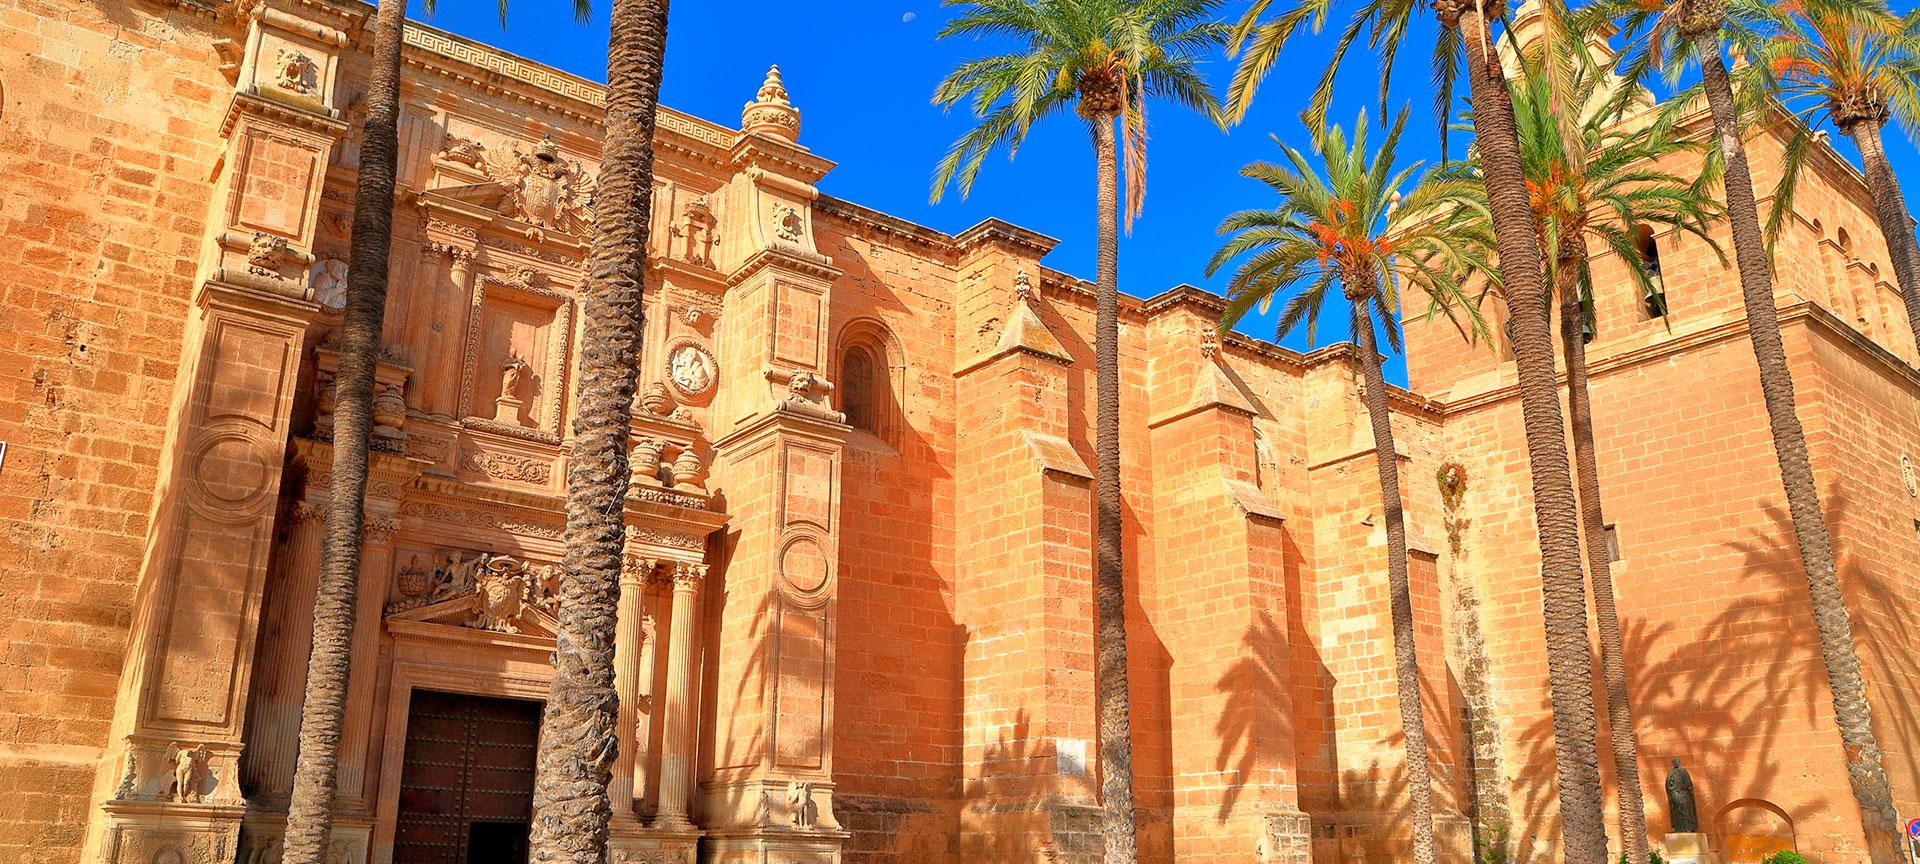 catedral_almeria_andalucia_s_375187621.jpg